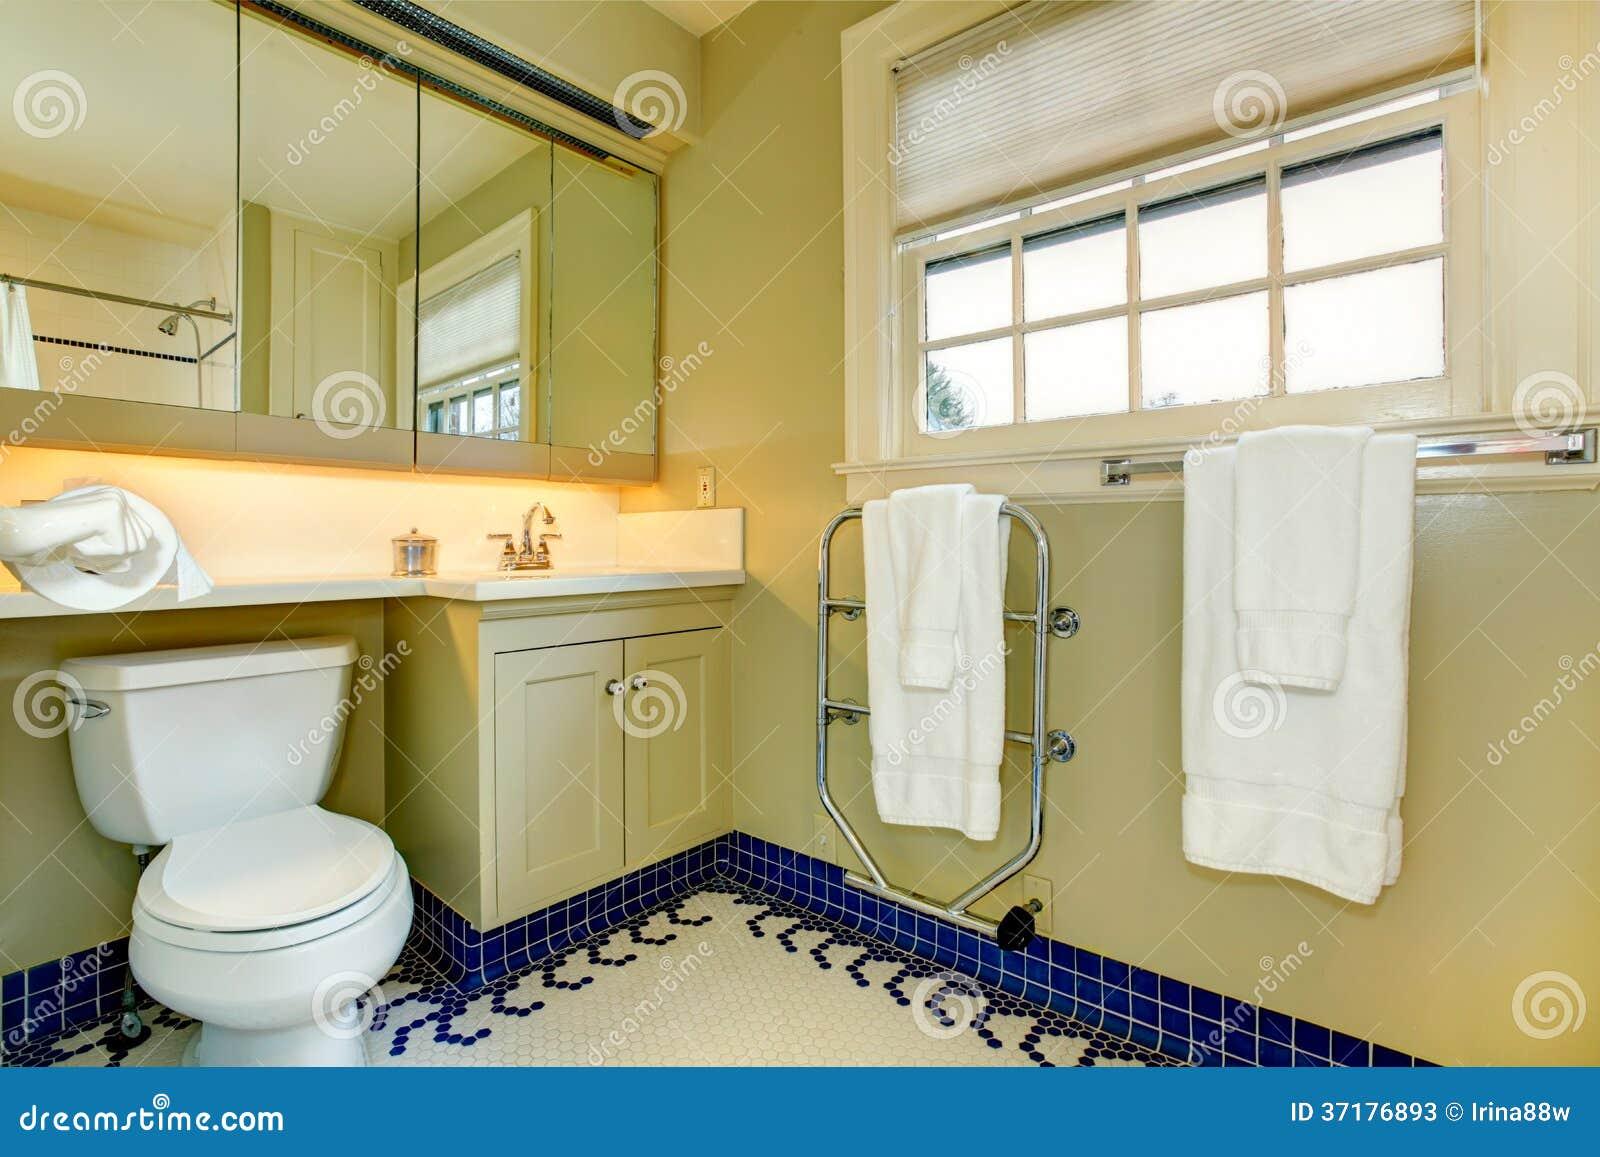 Banheiro Amarelo Brilhante Com O Assoalho De Telha Azul Fotos de Stock  #614C0C 1300 957